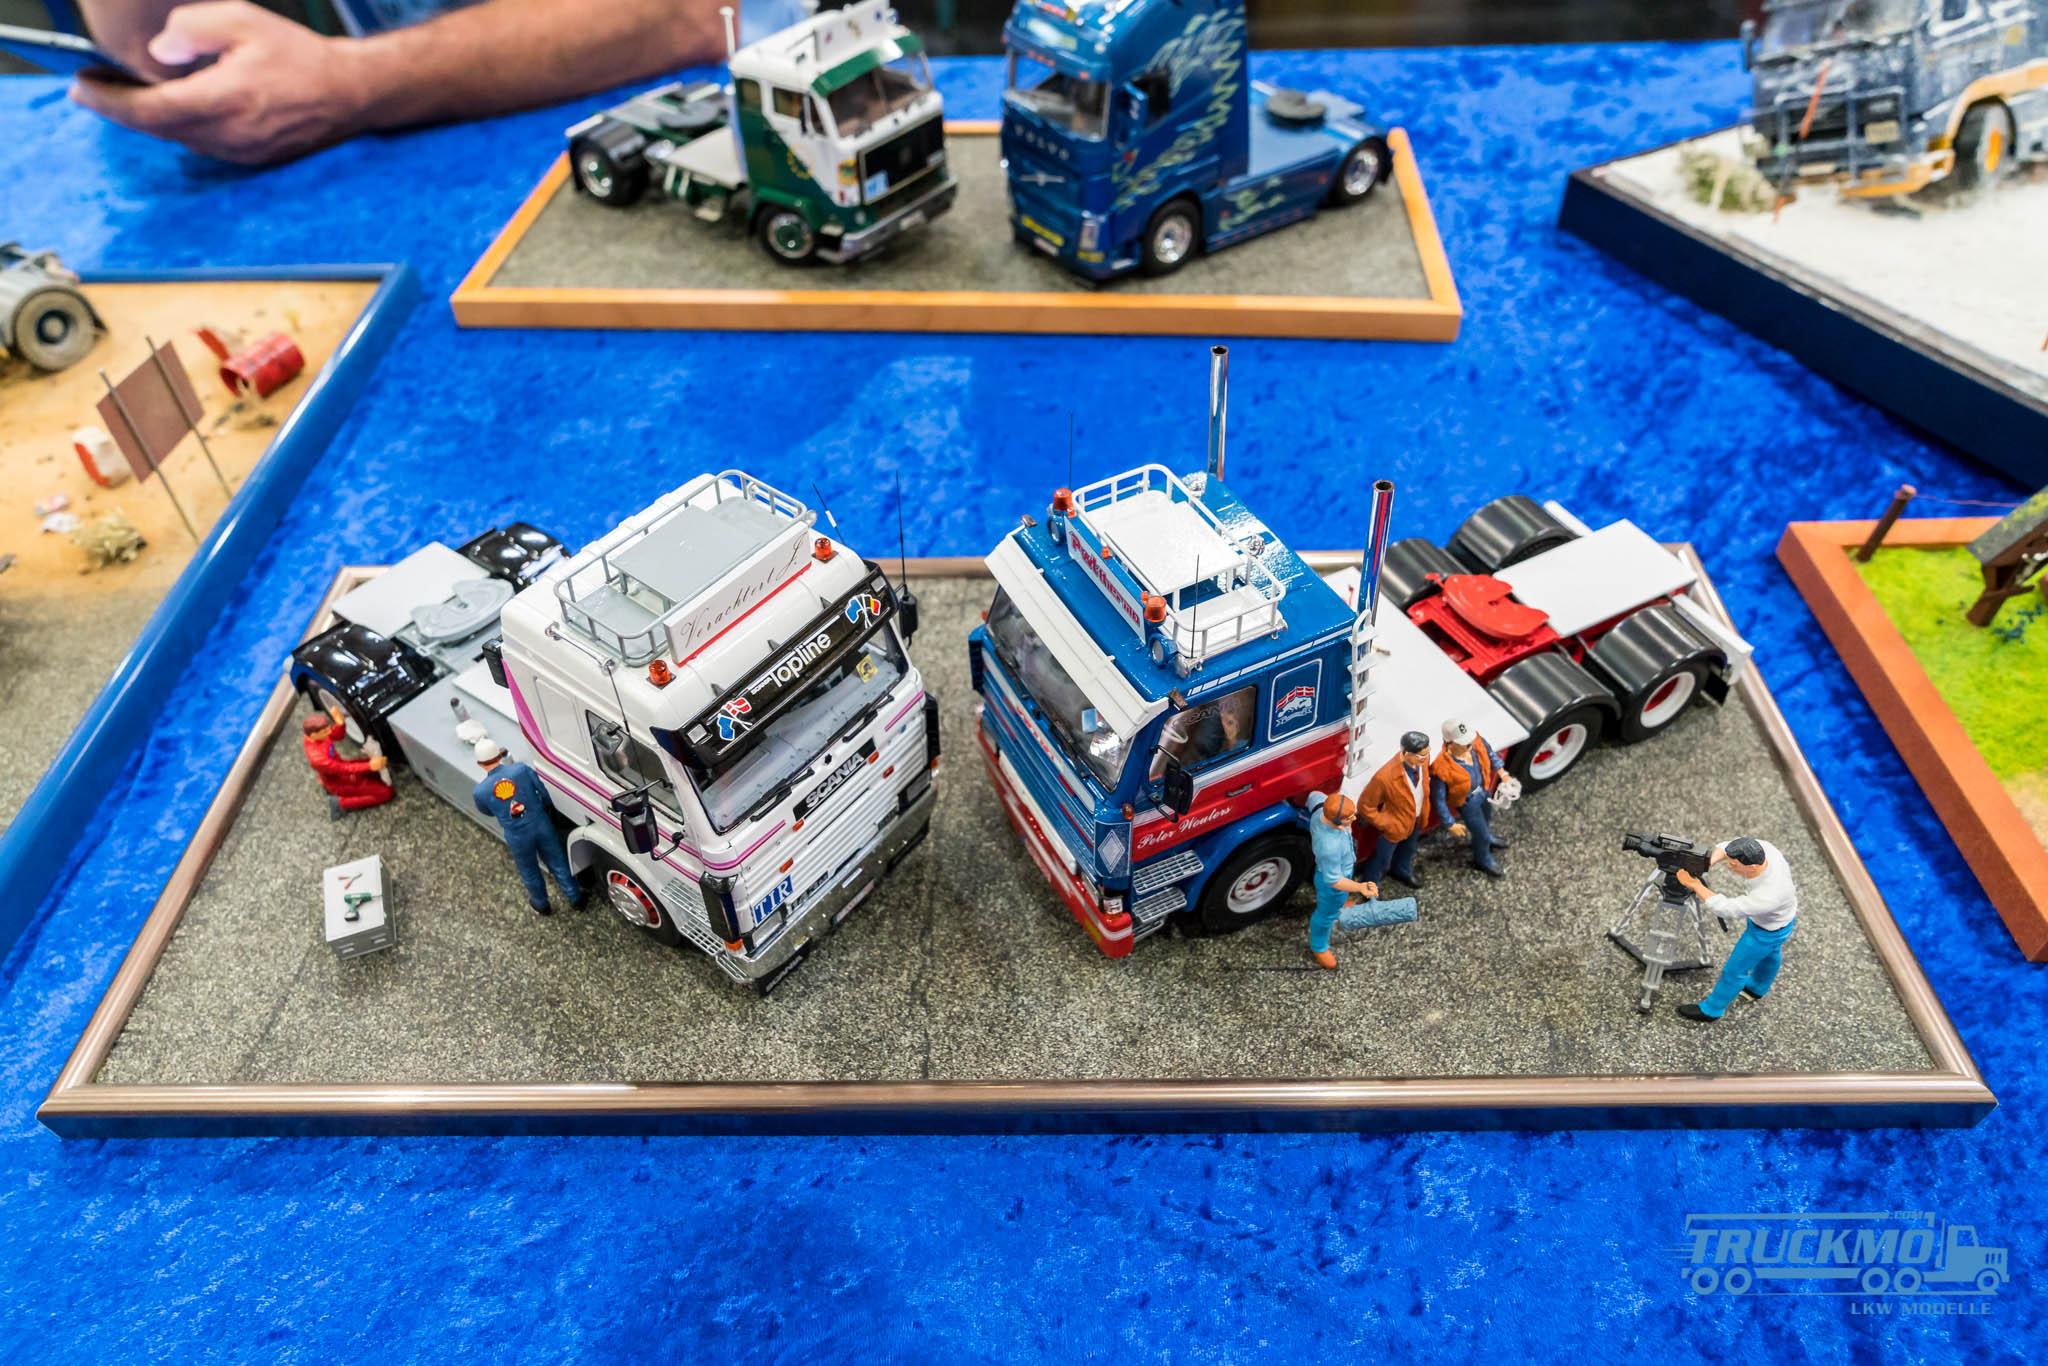 Truckmo_Modellbau_Ried_2017_Herpa_Messe_Modellbauausstellung (326 von 1177)